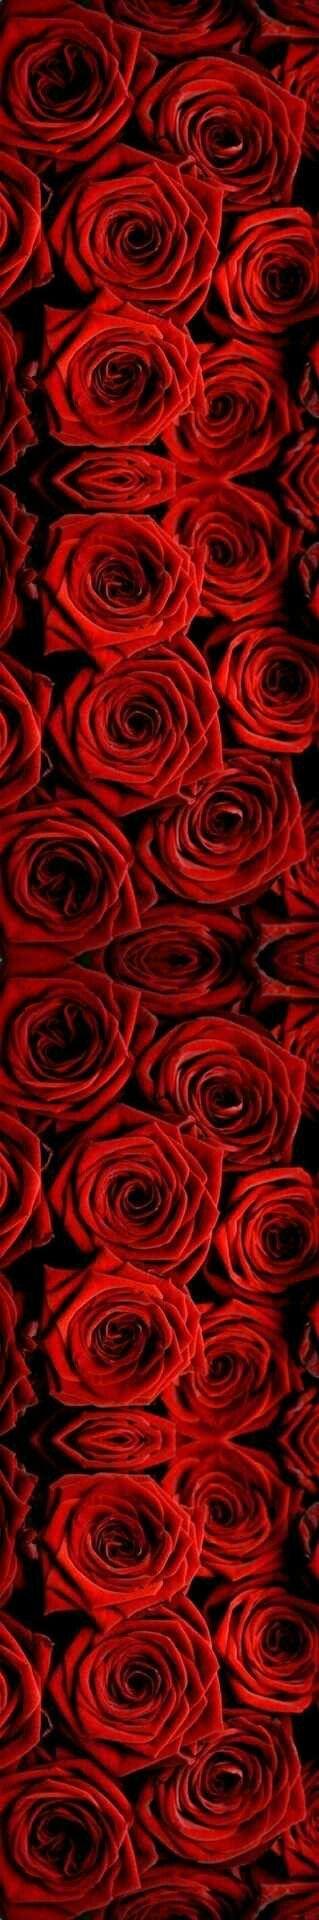 Rouge inspiration - De belles roses rouges pour montrer son amour #rouge #roses #fleurs